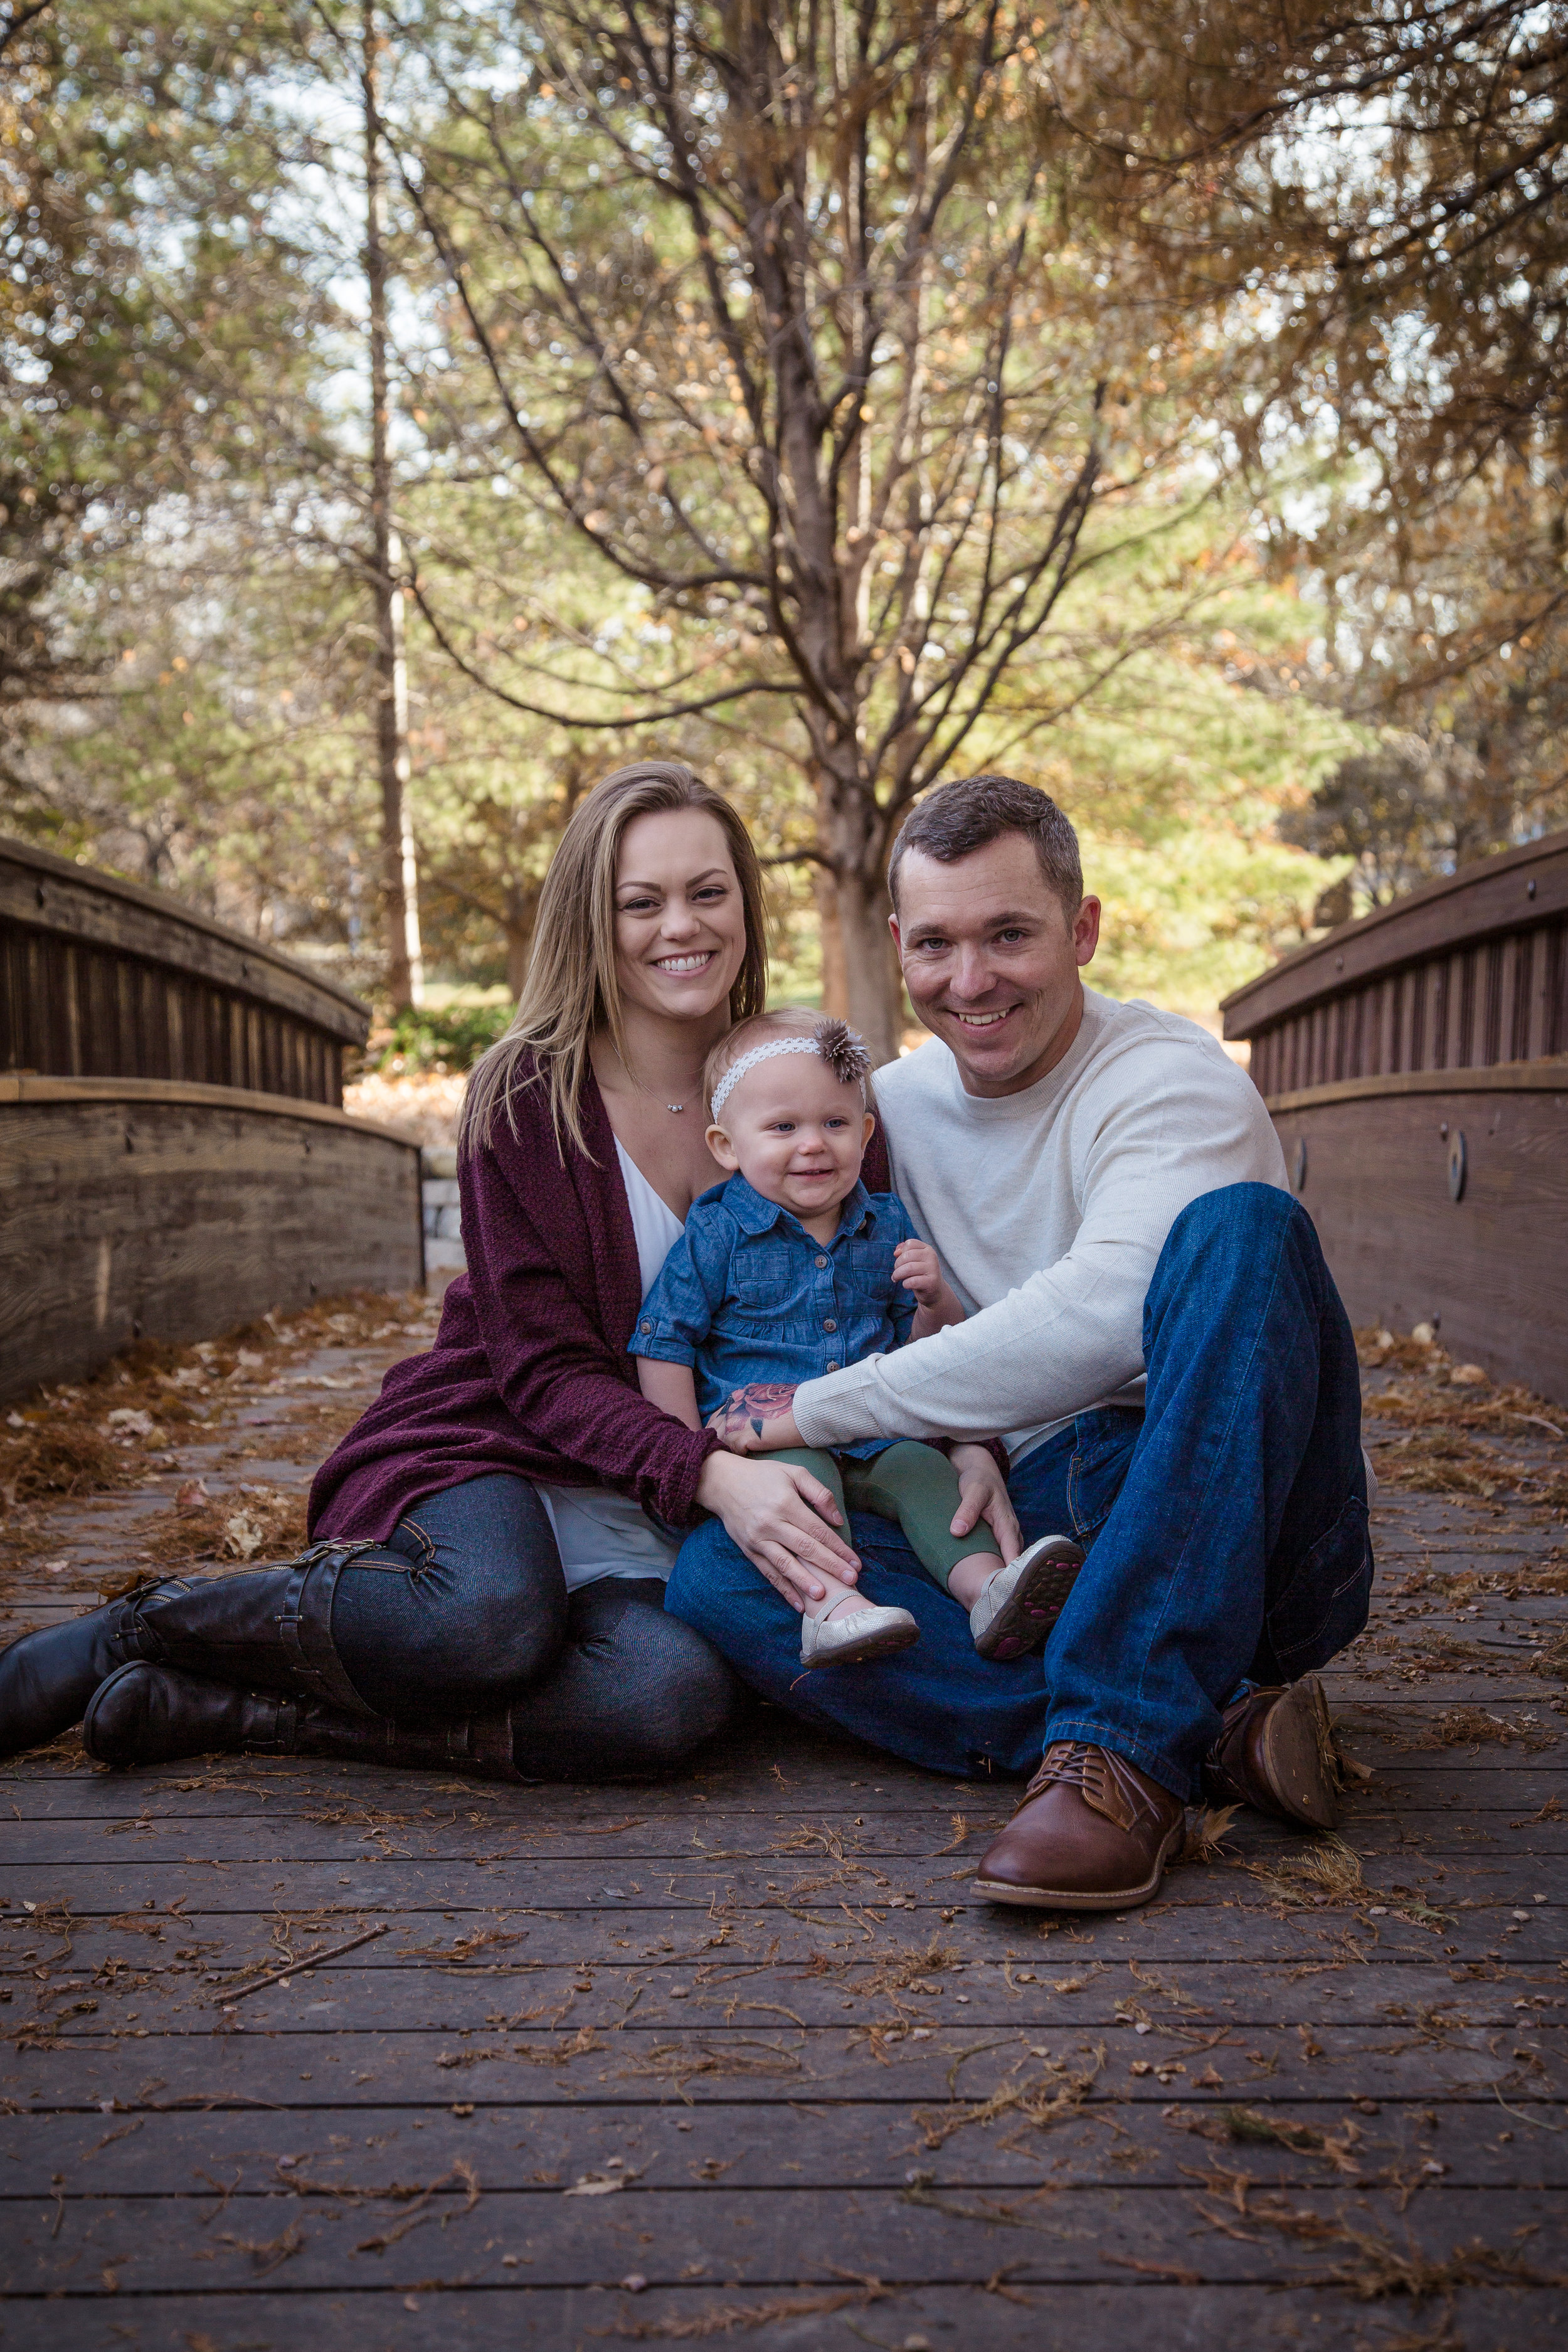 Bennett-Burrell Family Photos 2018 (27 of 39).jpg